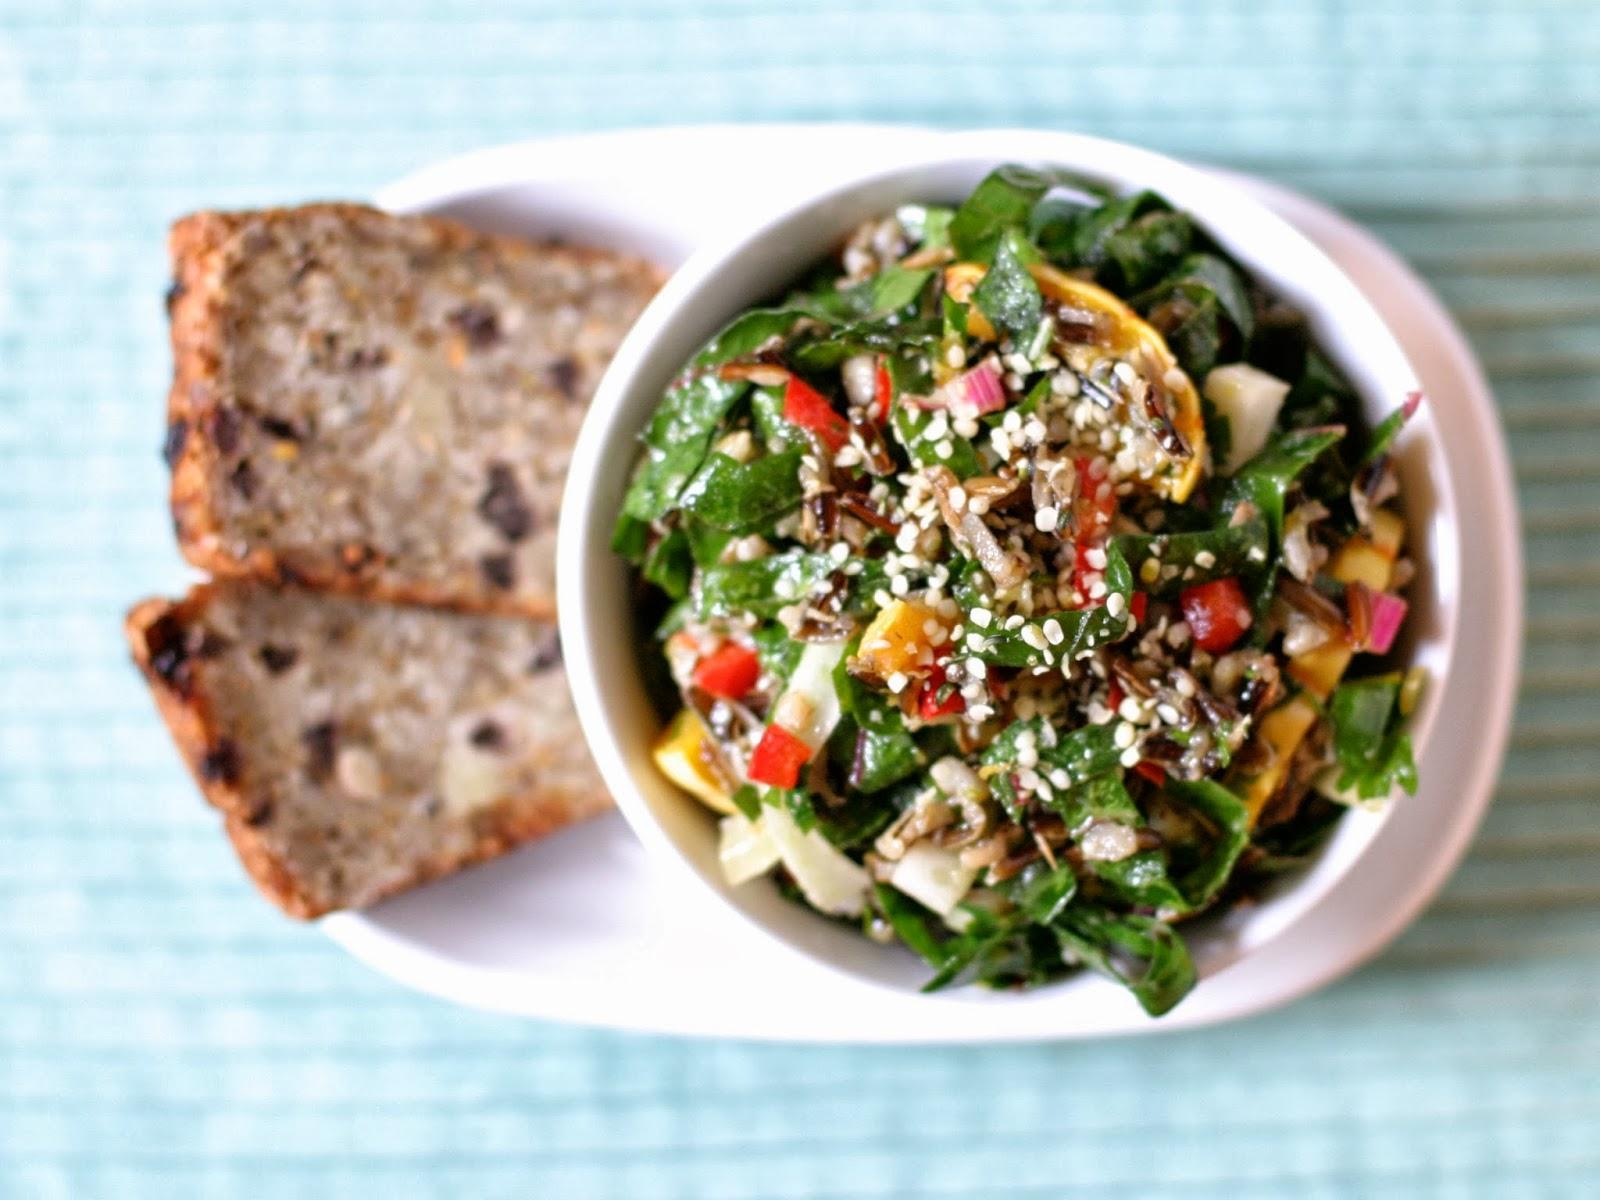 Multi-Vitamin or Emerald City Salad?